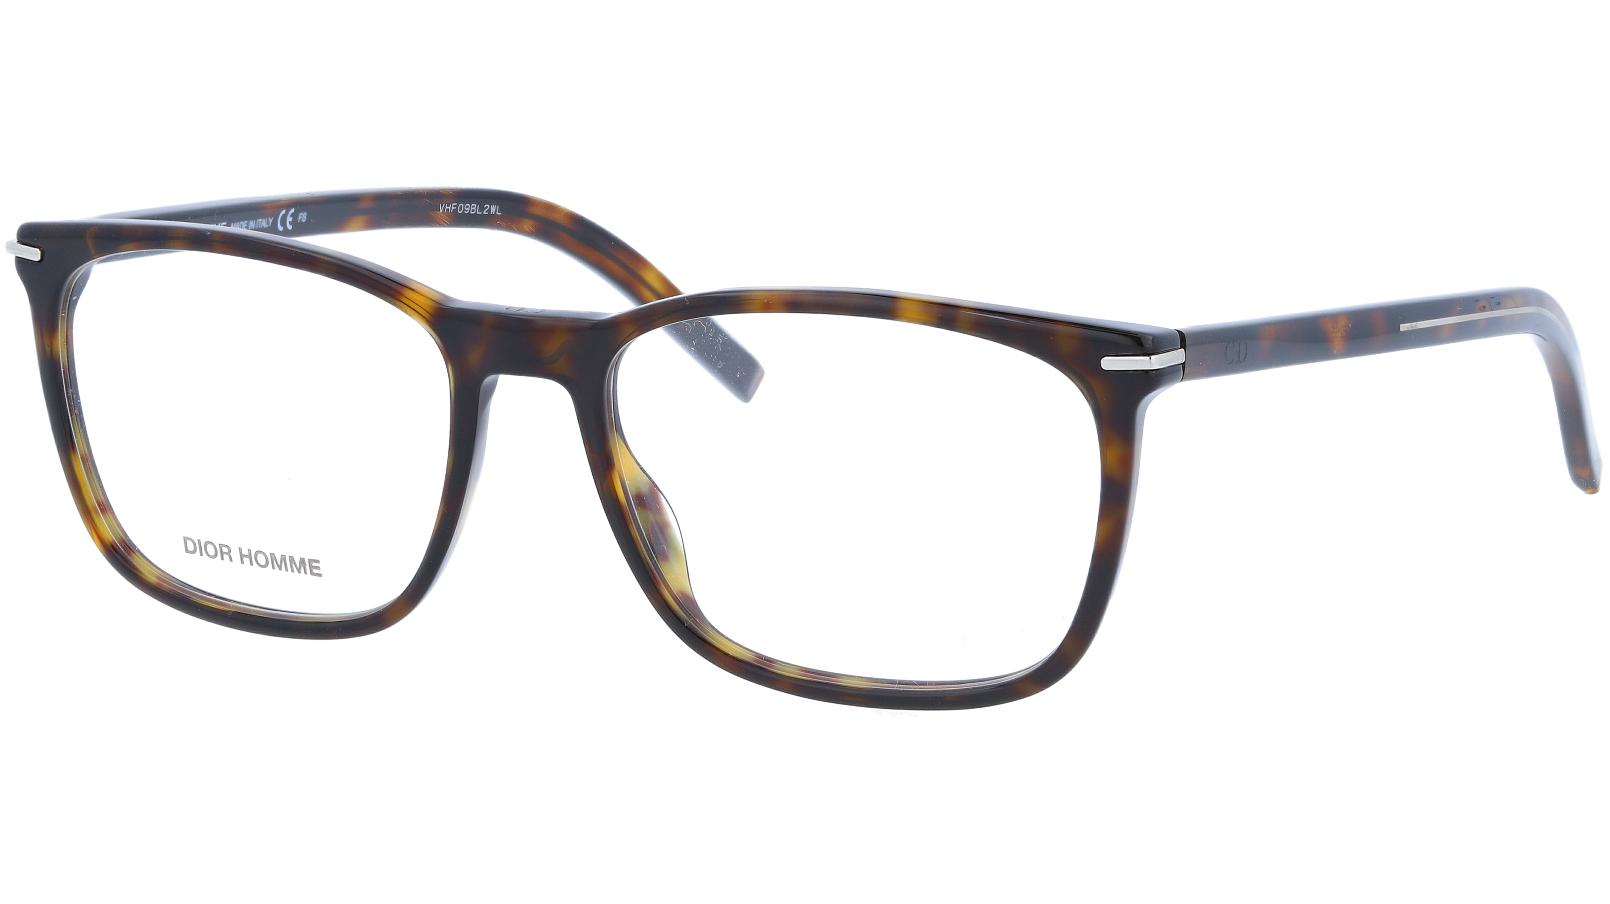 DIOR BLACKTIE265 086 55 DARK Glasses